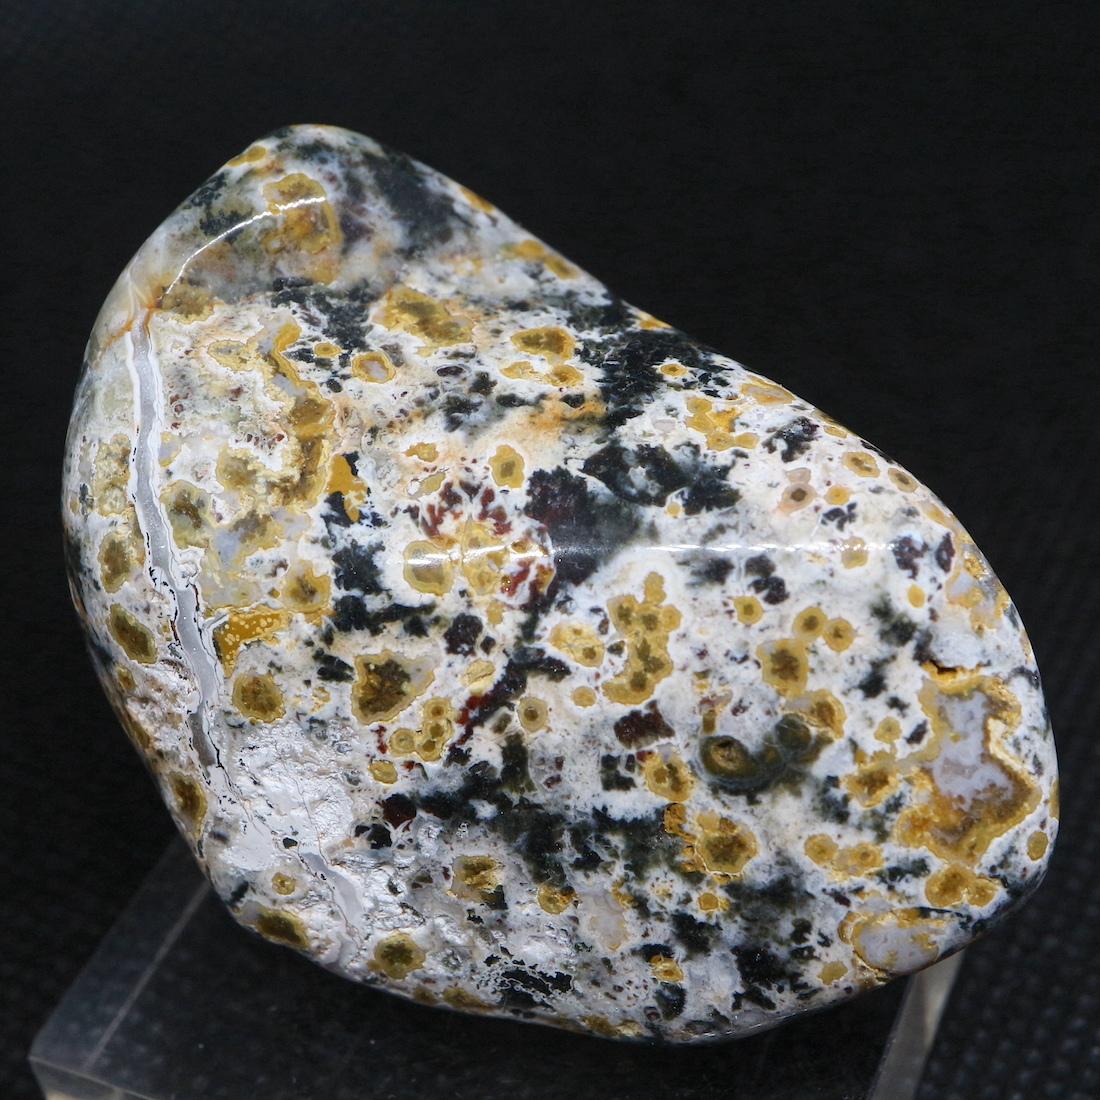 オーシャンジャスパー マダガスカル産 56,8g OJ088 鉱物 天然石 原石 パワーストーン